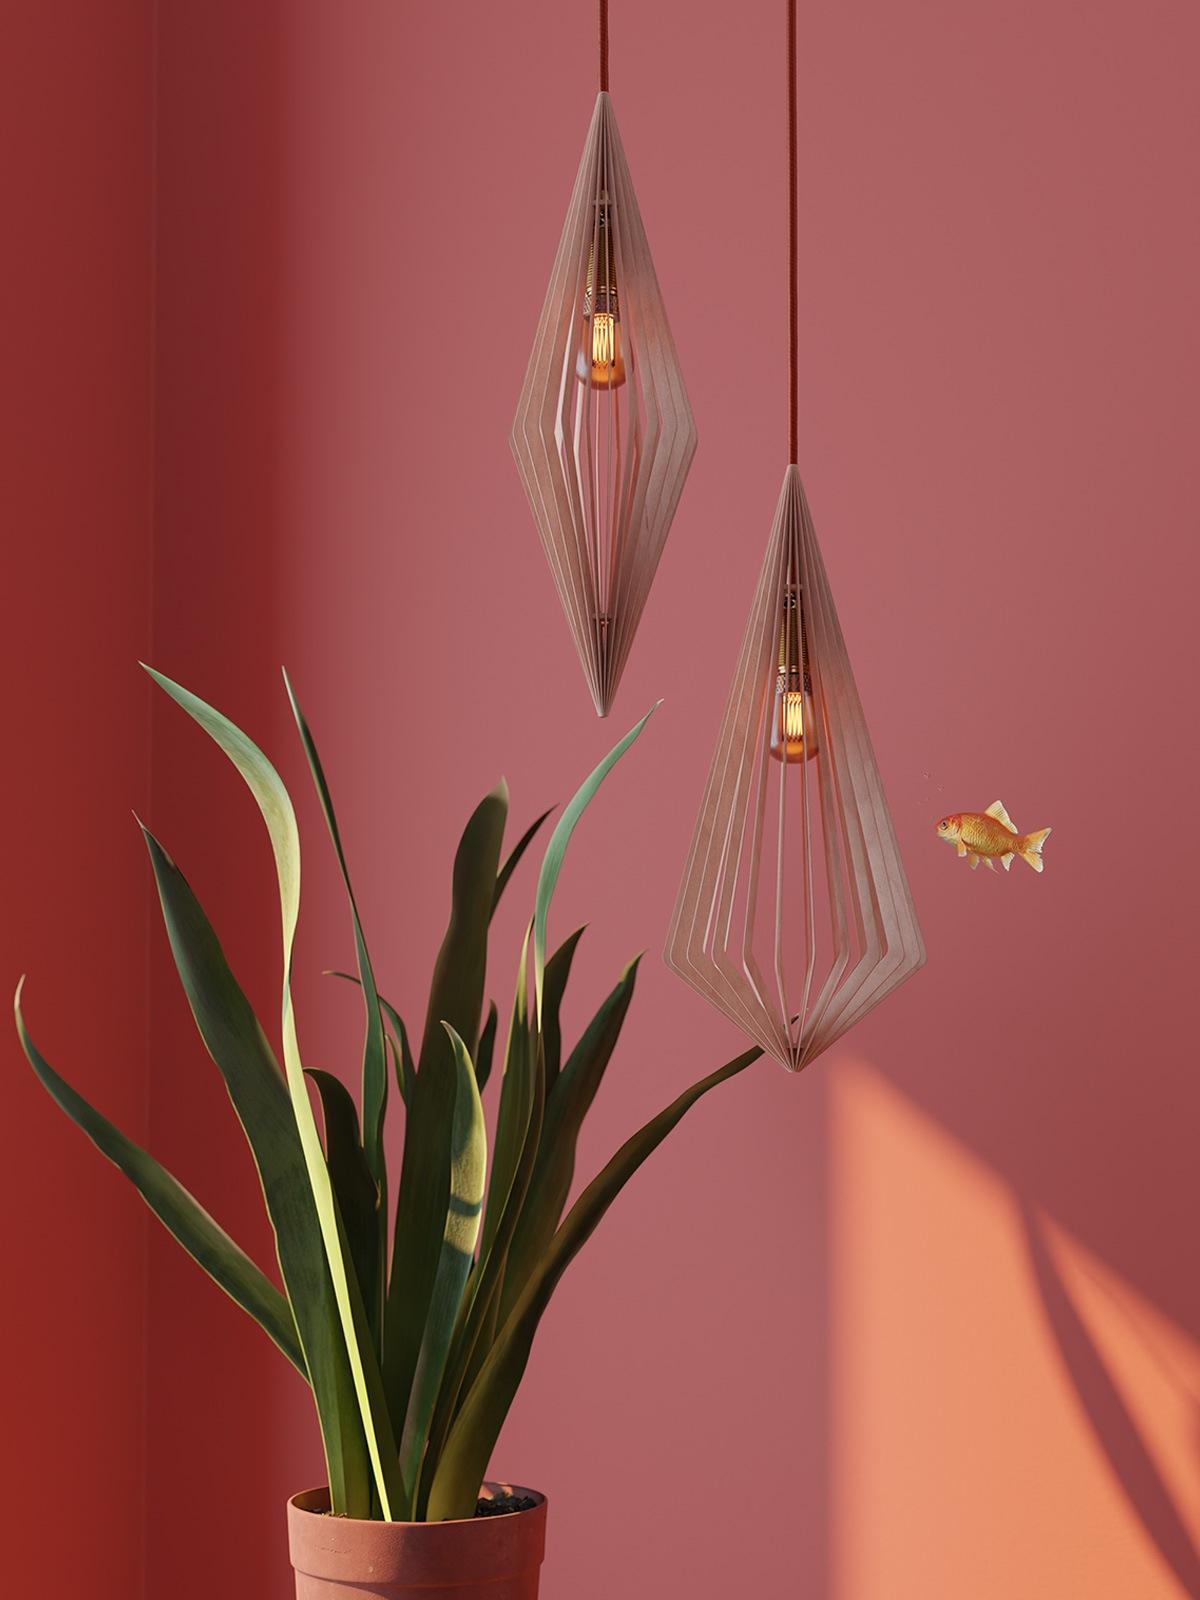 DesignOrt Blog: Nachhaltige Lampen & Leuchten - MAERU Maari & Diam Pendel Leuchte Holz Designort Lampen Leuchten Berlin